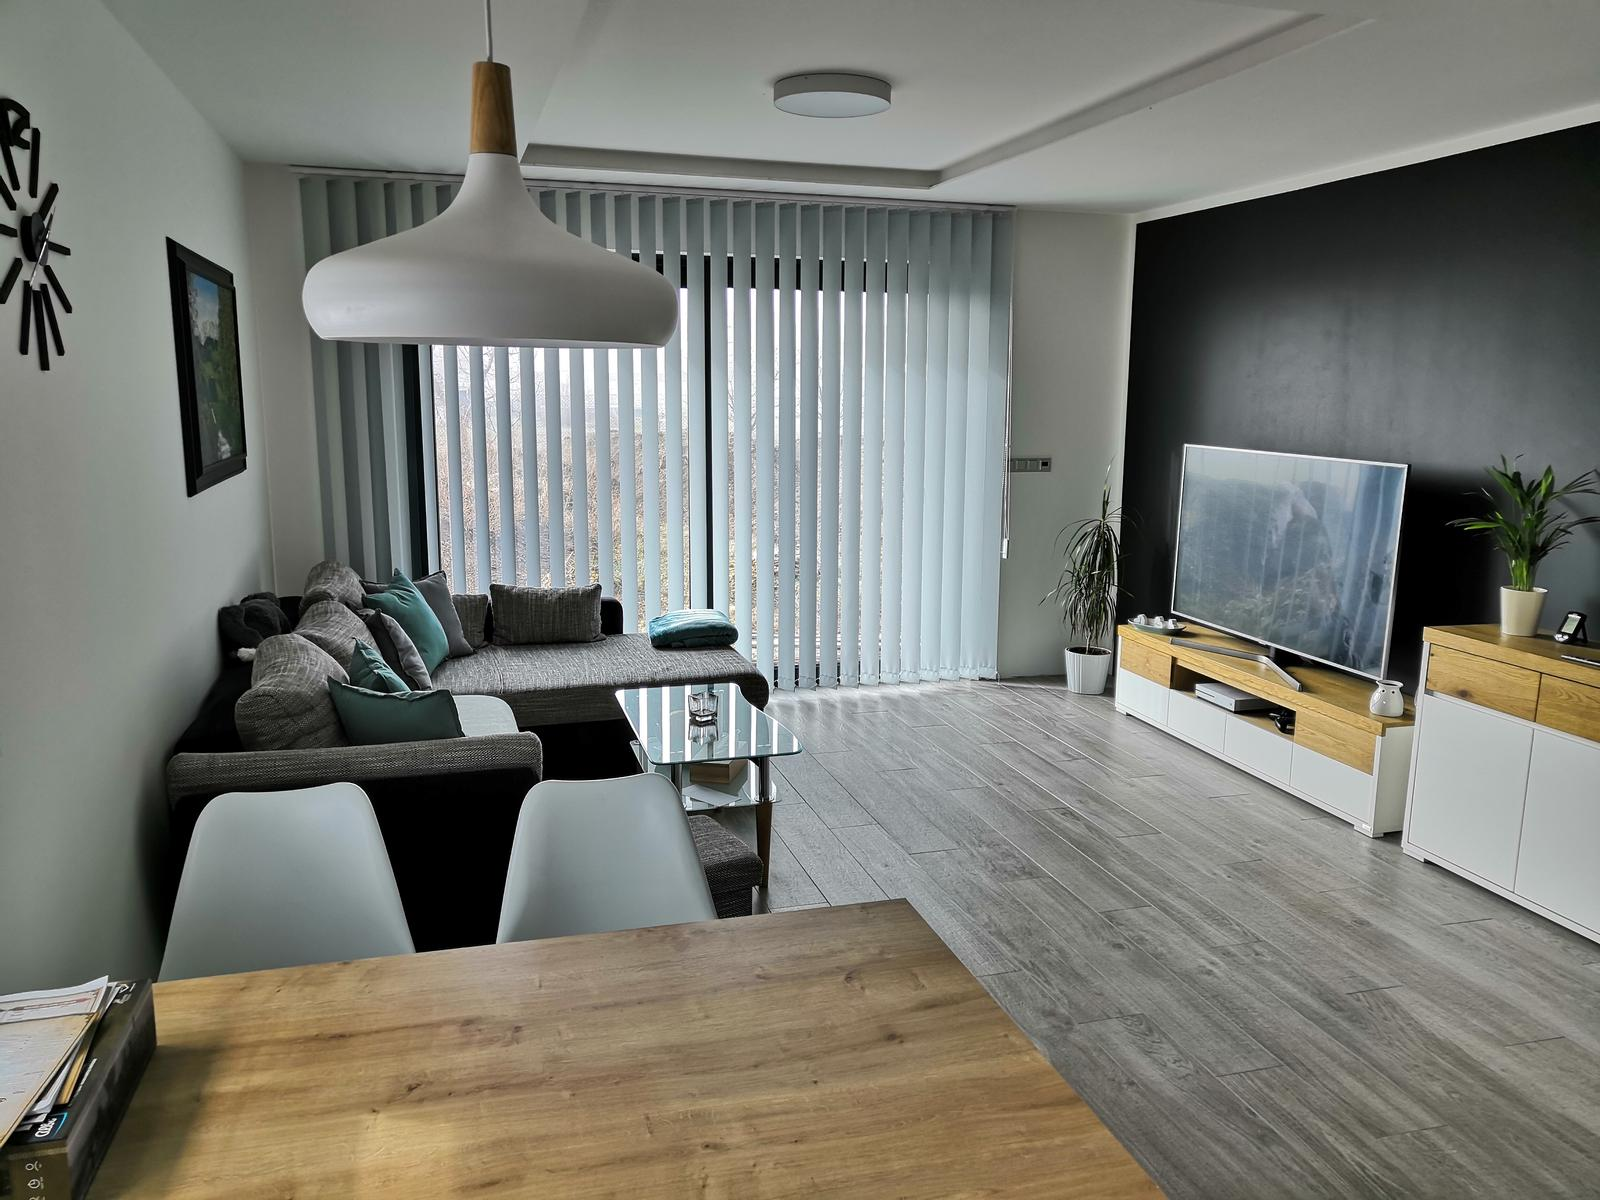 Skoro hotovo - obývací pokoj. s gaučem ještě musíme vydržet nějakou dobu :)